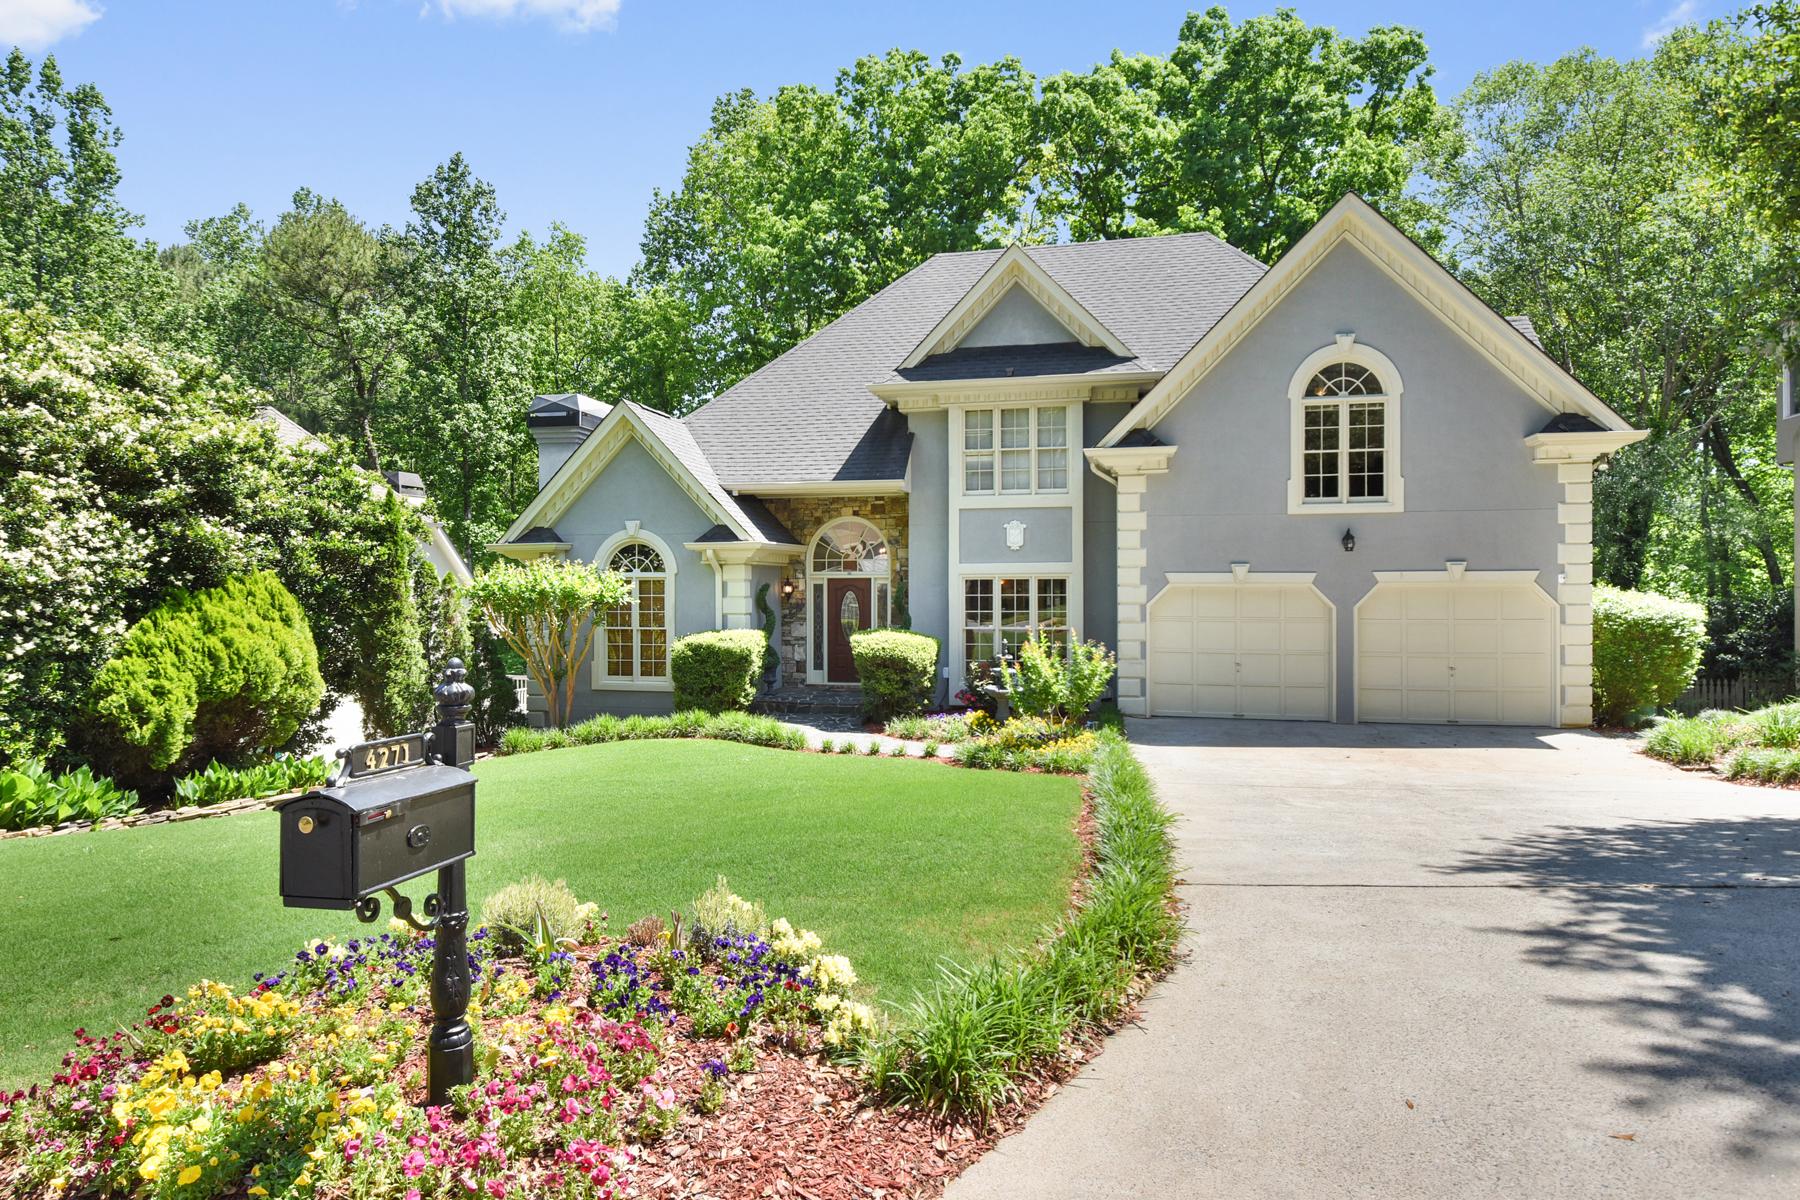 Casa Unifamiliar por un Venta en Picture Perfect In Vinings Glen 4271 Ridgehurst Drive SE Smyrna, Georgia, 30080 Estados Unidos